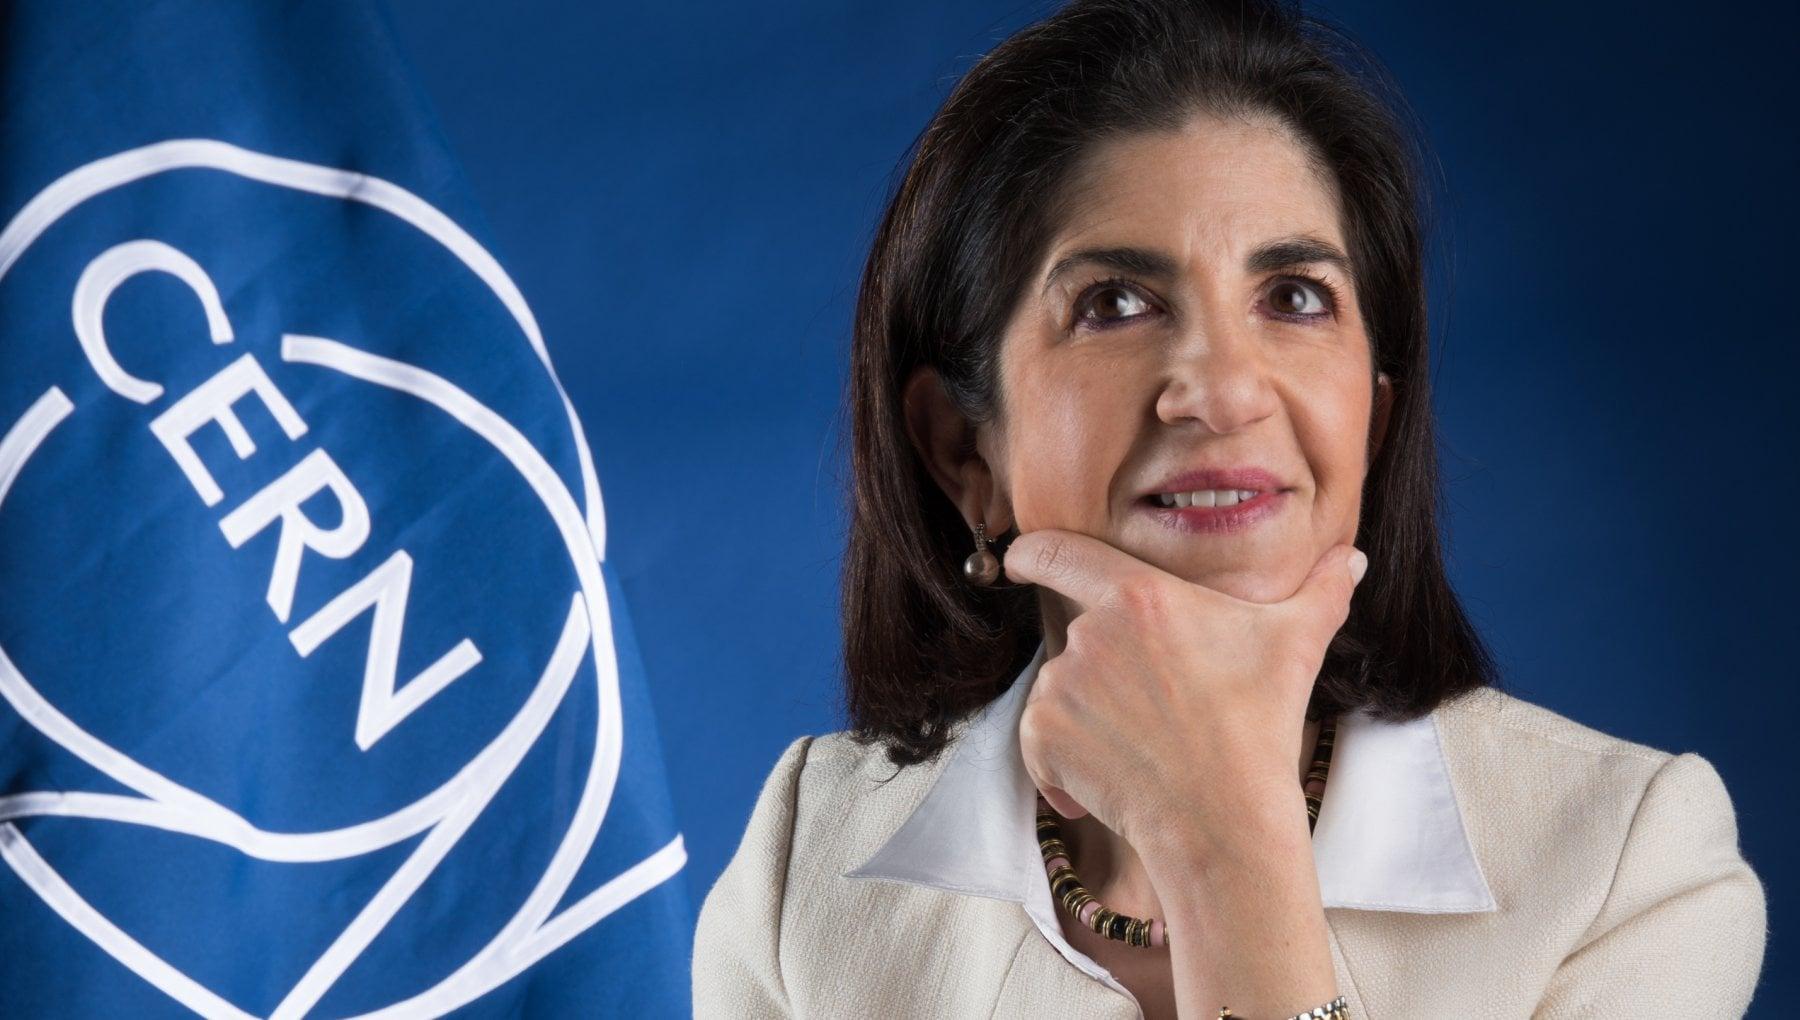 """190705463 12311973 96b1 41e7 b593 785340e89cdc - Gianotti: """"Ora la scienza è un mestiere per donne"""""""